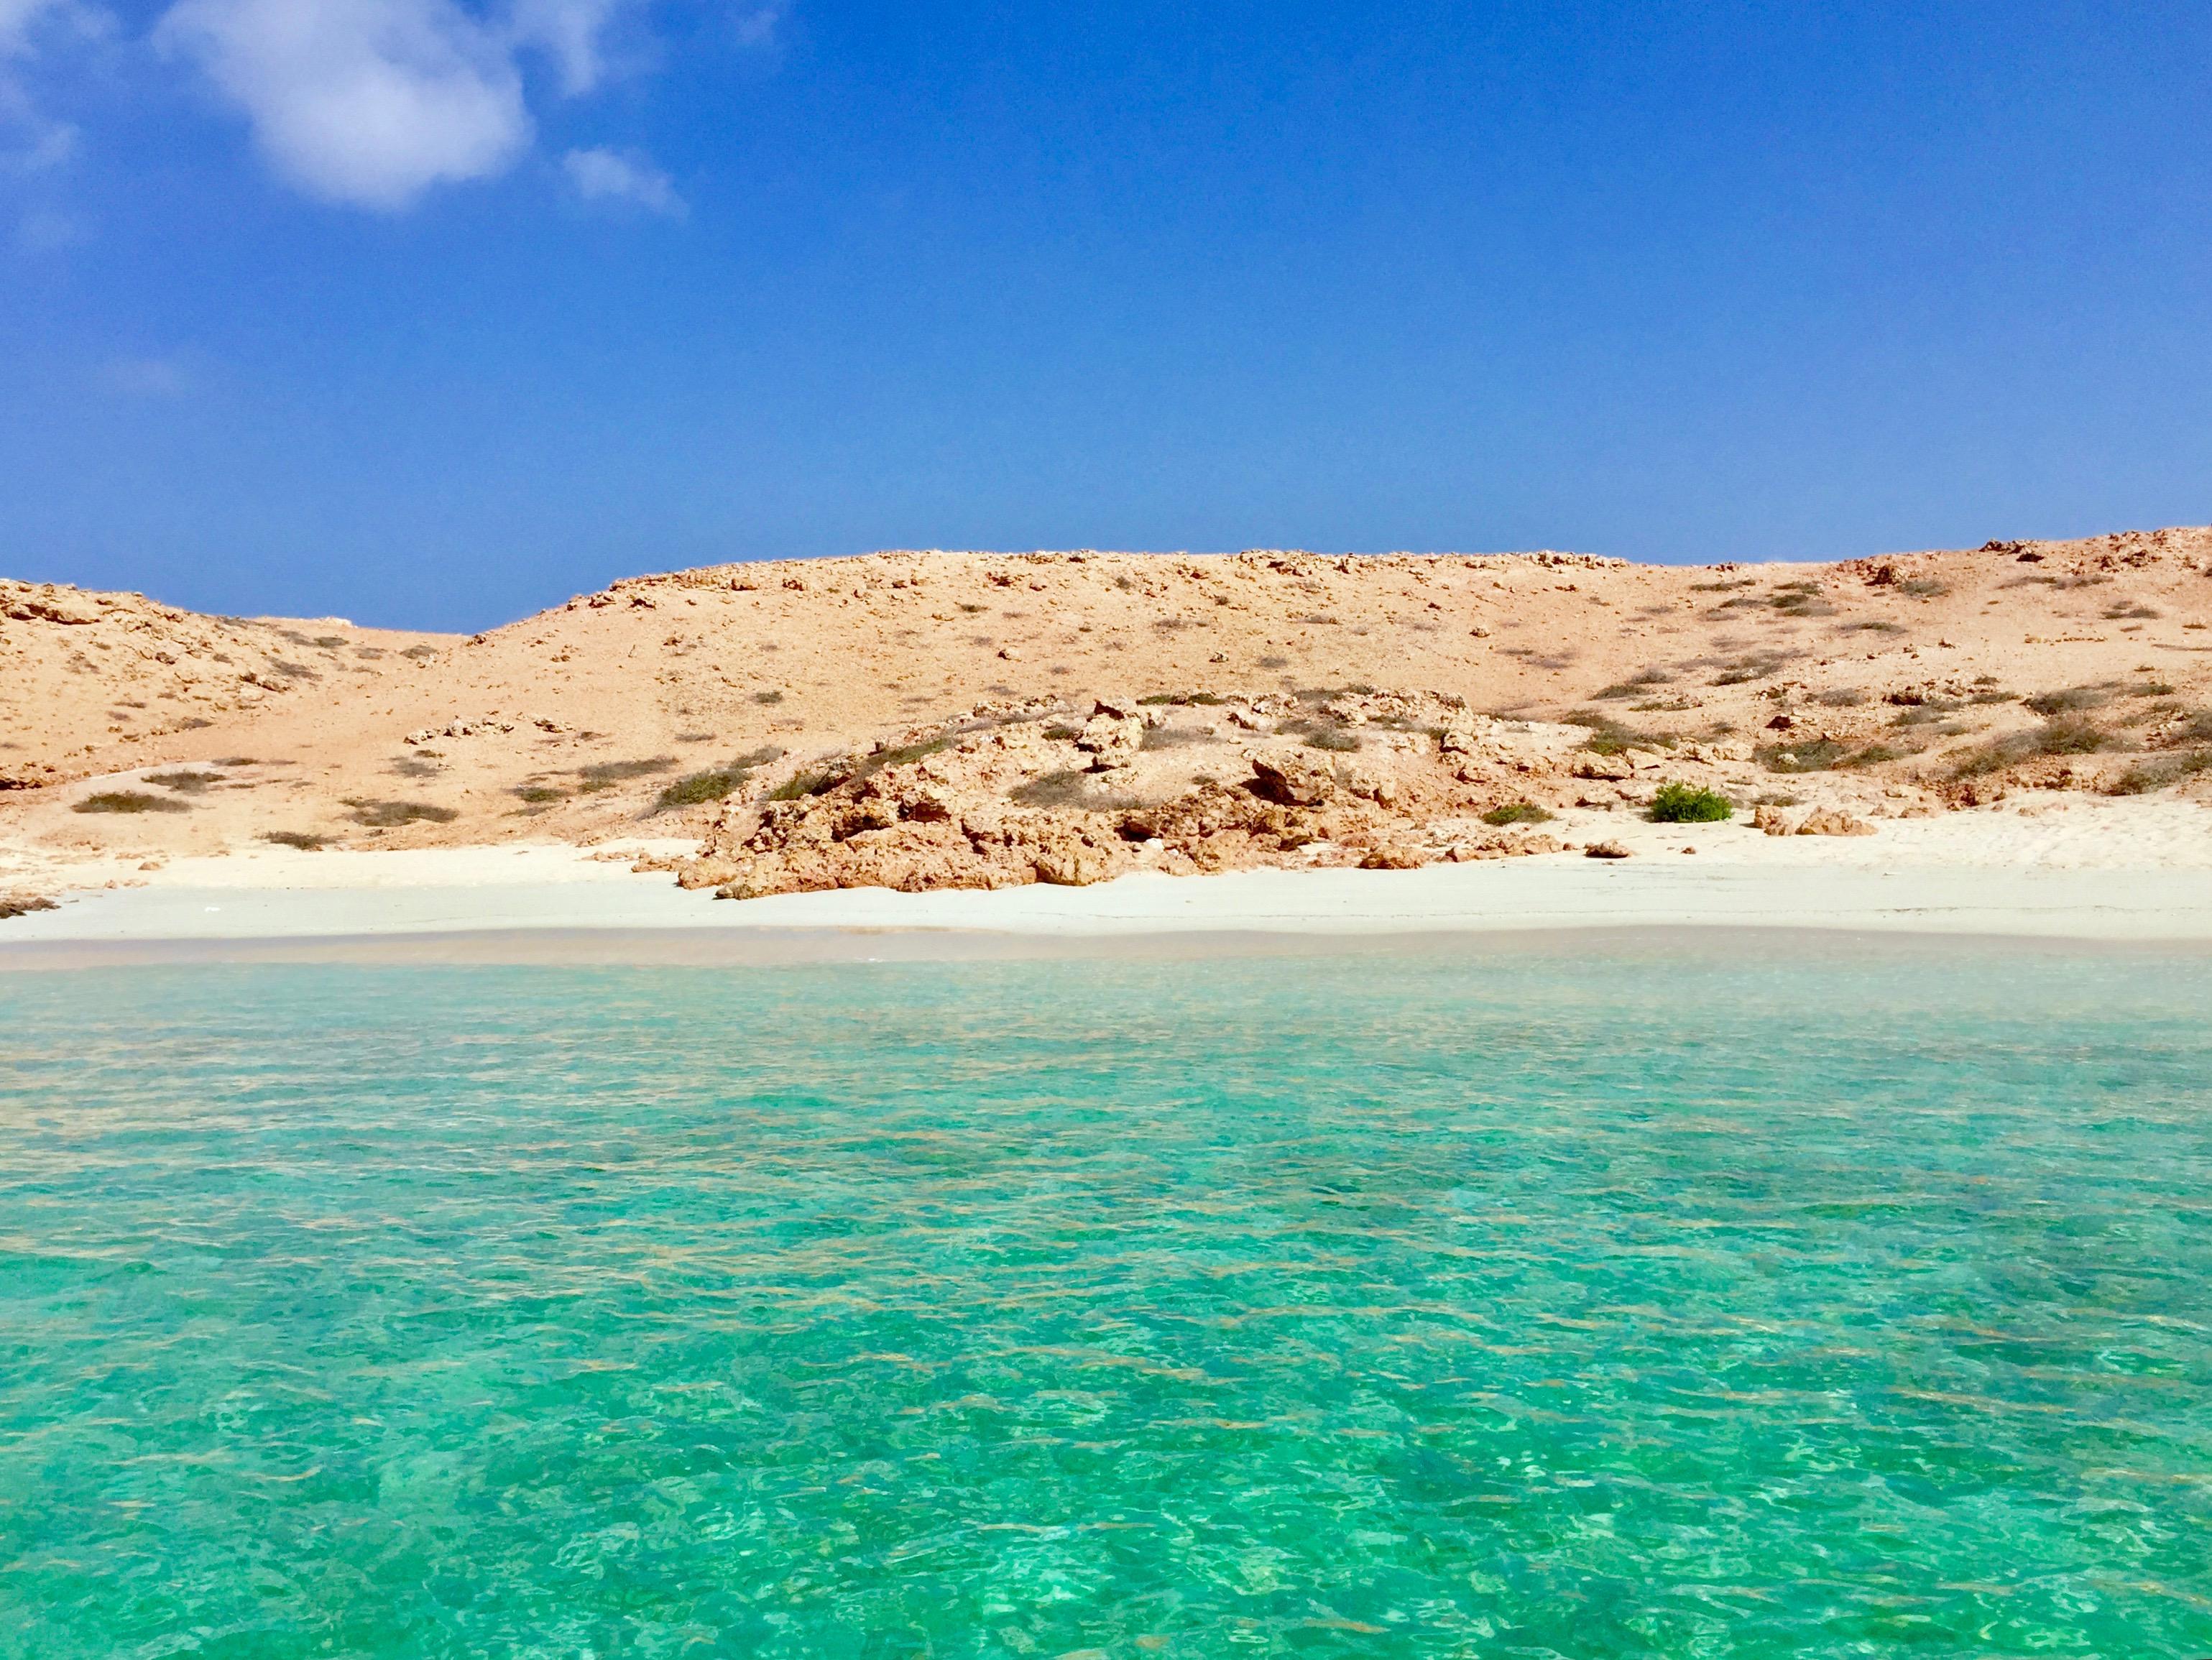 daymaniat_islands_oman_lustforthesublime